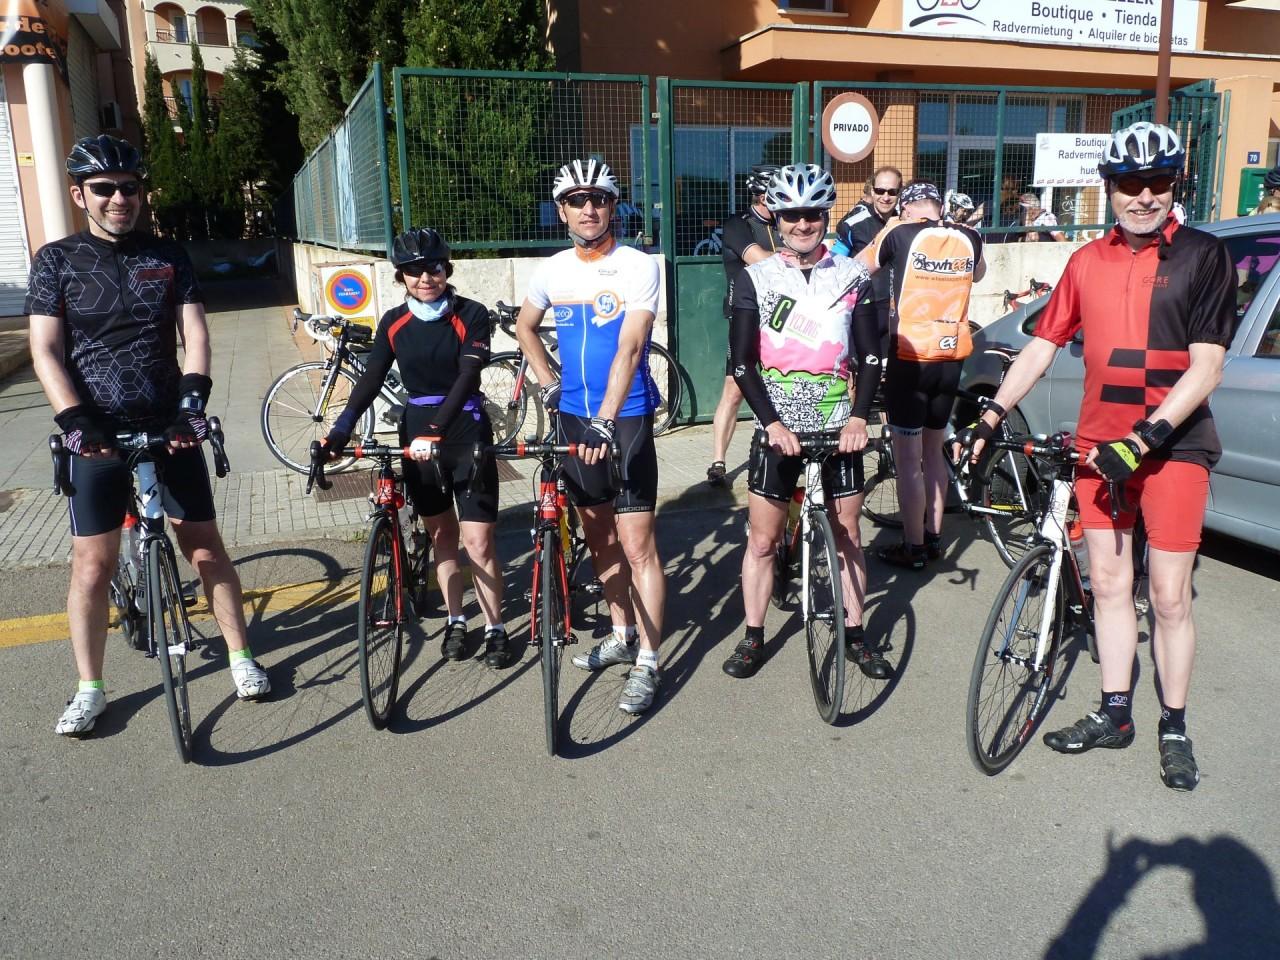 Tour-Start ... von links: Wolfgang, Brigitte, Jürgen, Ralf und Hartmut